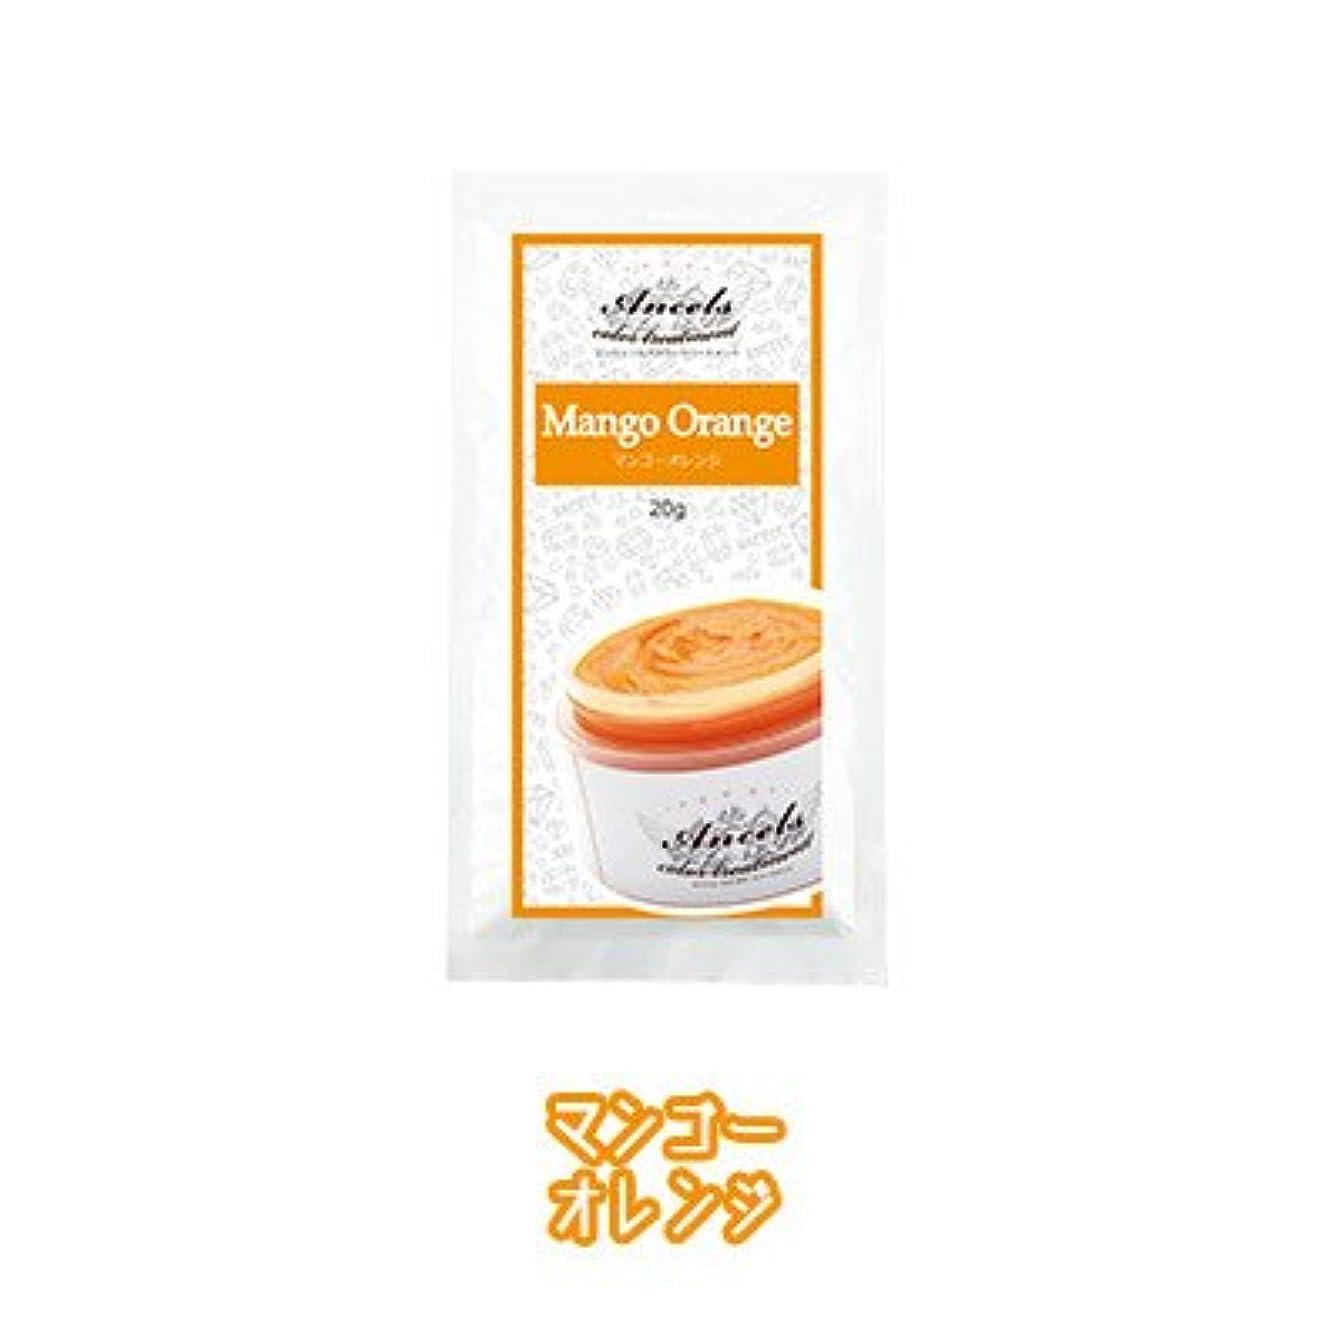 乏しい強化する局エンシェールズ カラートリートメントバター プチ(お試しサイズ) マンゴーオレンジ 20g